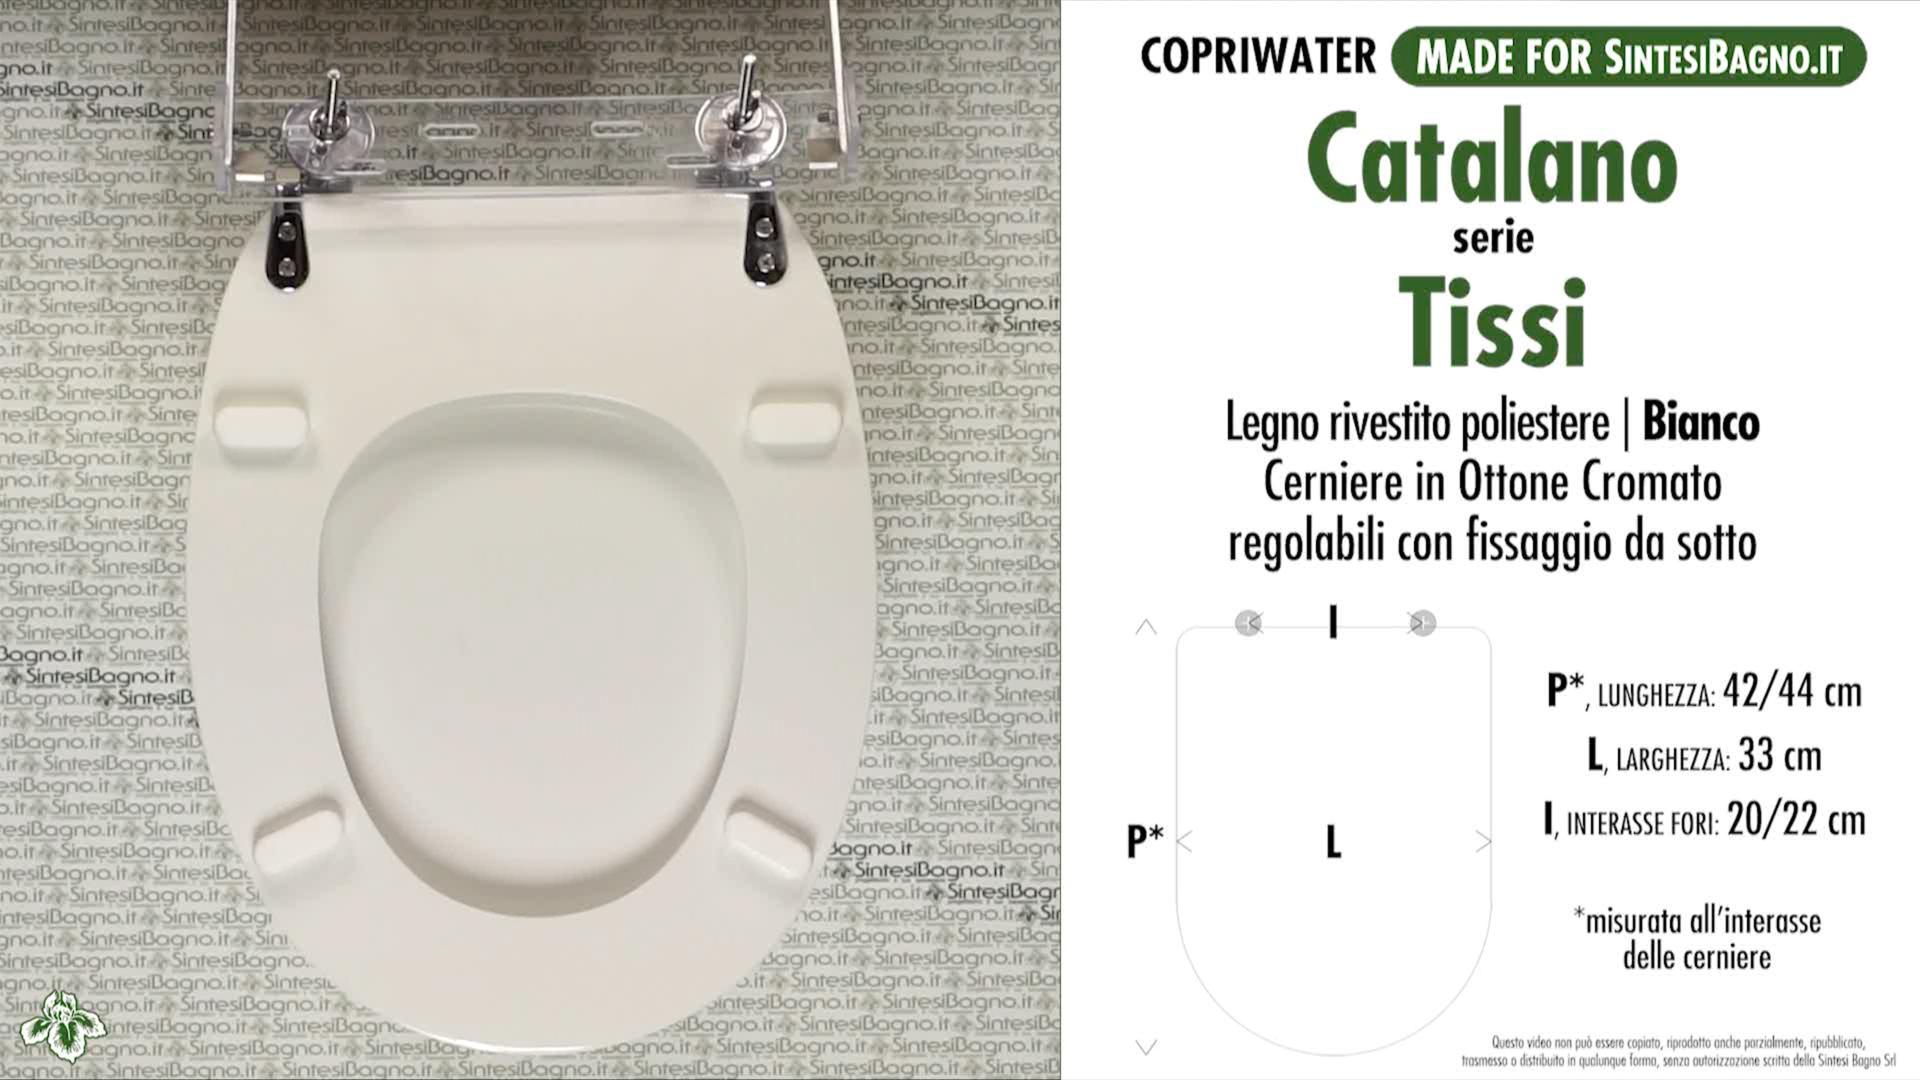 SCHEDA TECNICA MISURE copriwater CATALANO TISSI